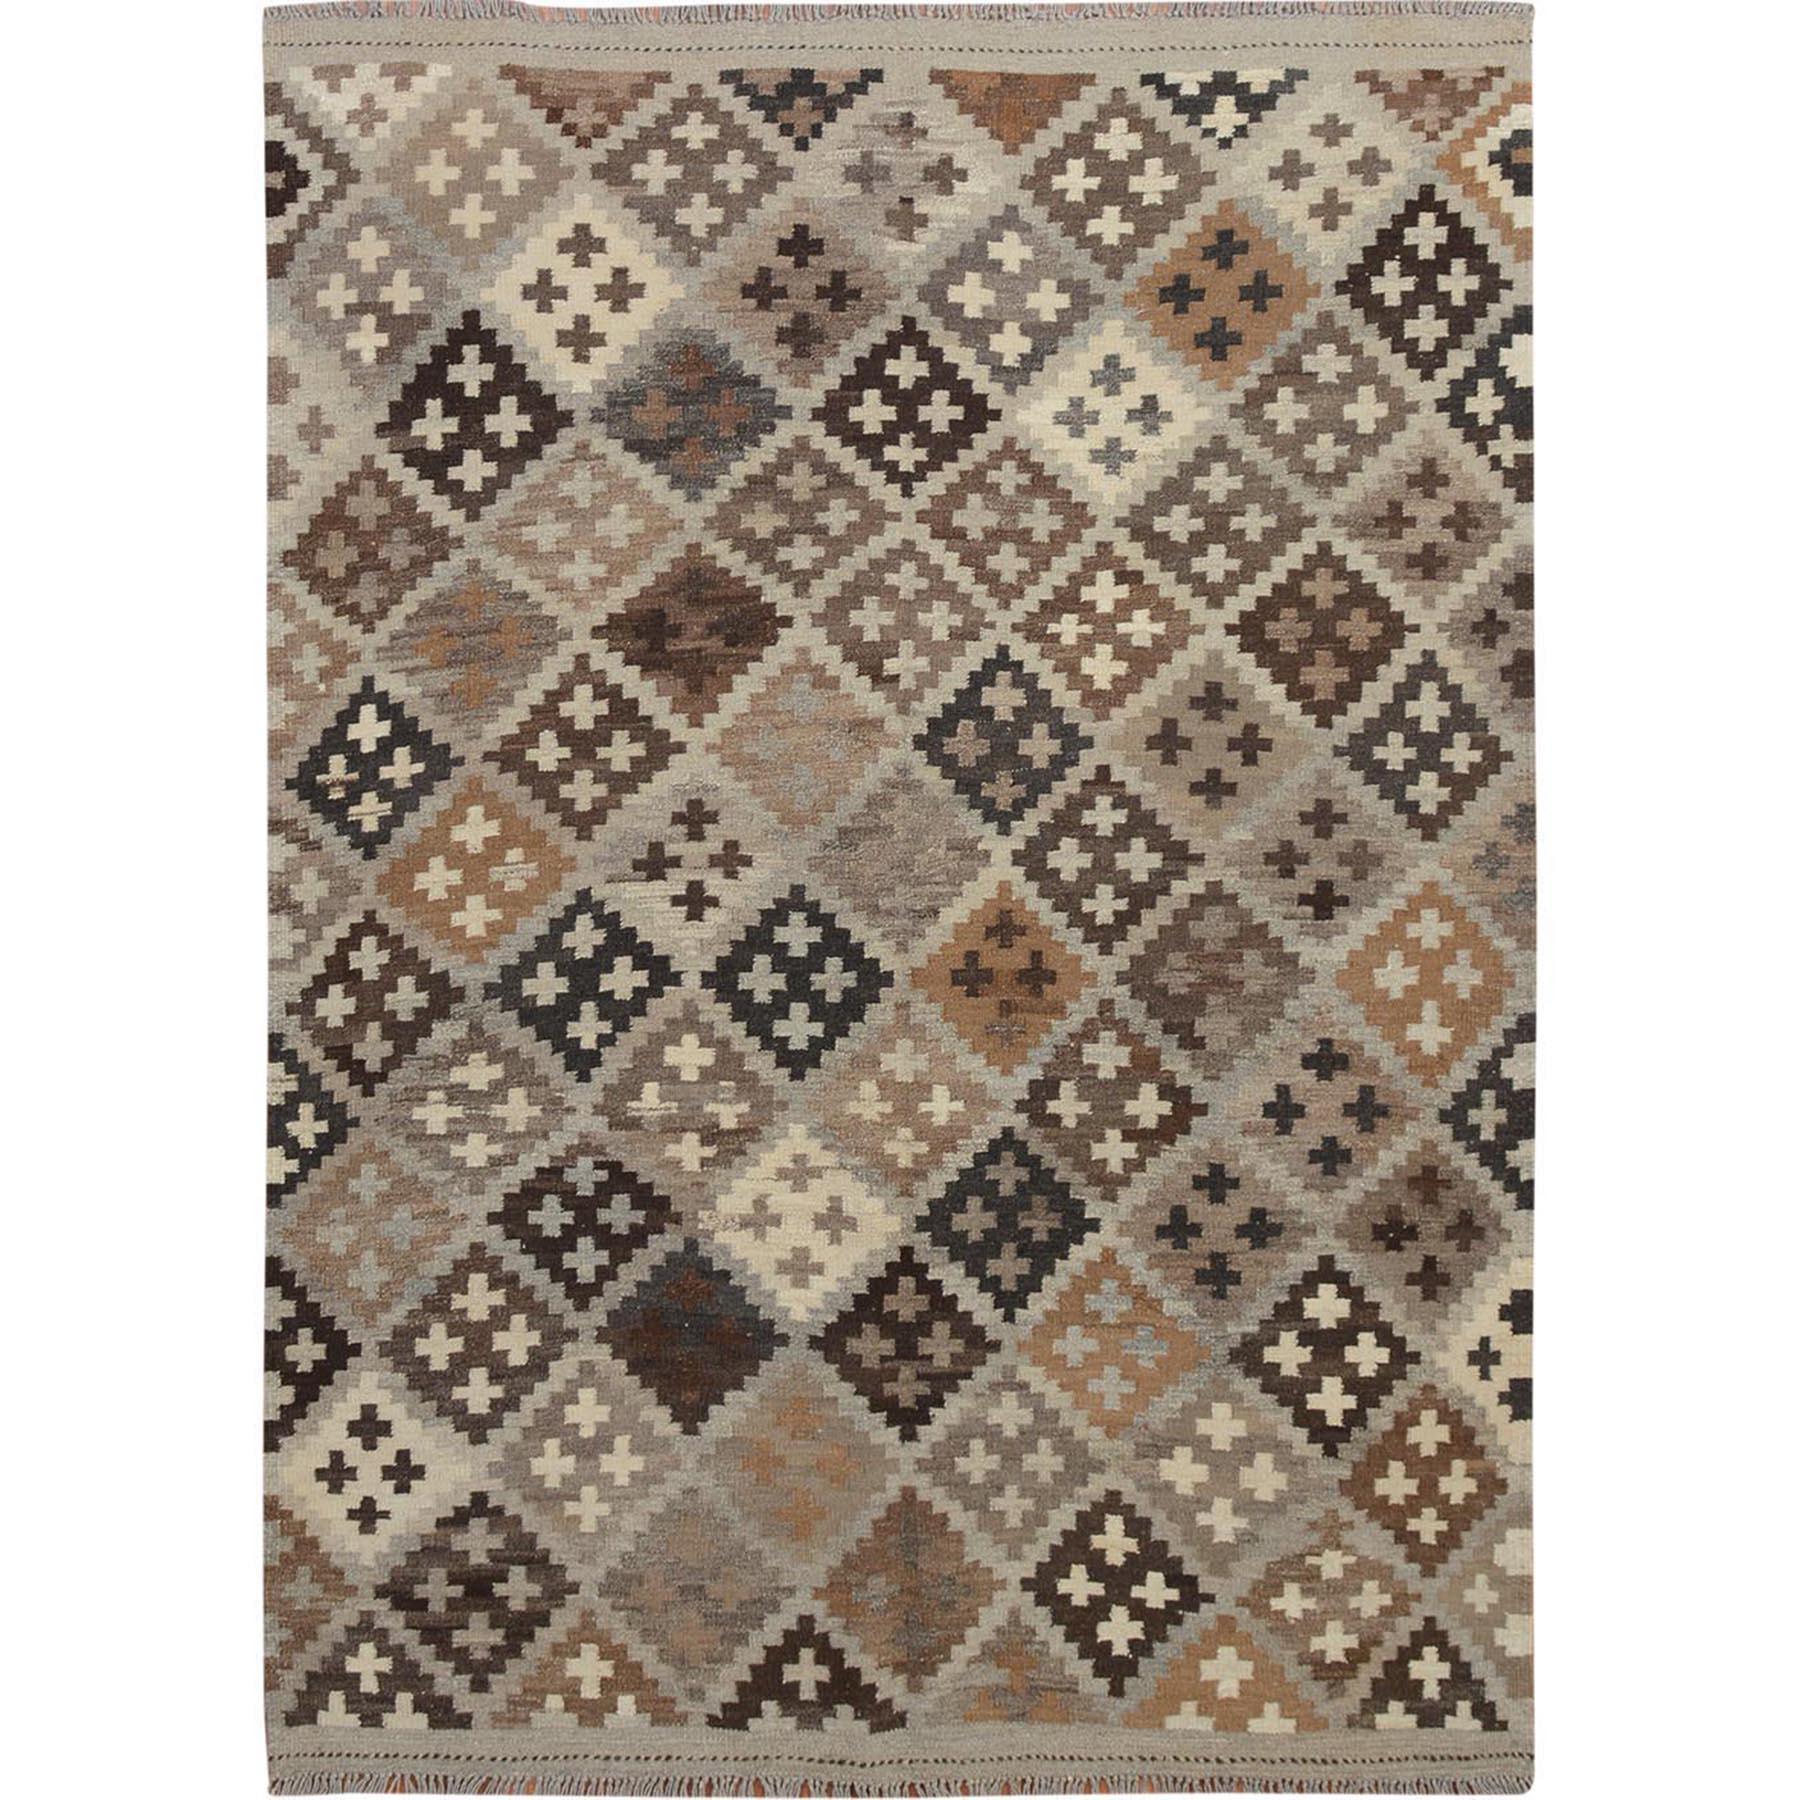 """5'2""""x6'10"""" Afghan Reversible Kilim Vegetable Dyes 100% Wool Hand Woven Oriental Rug"""